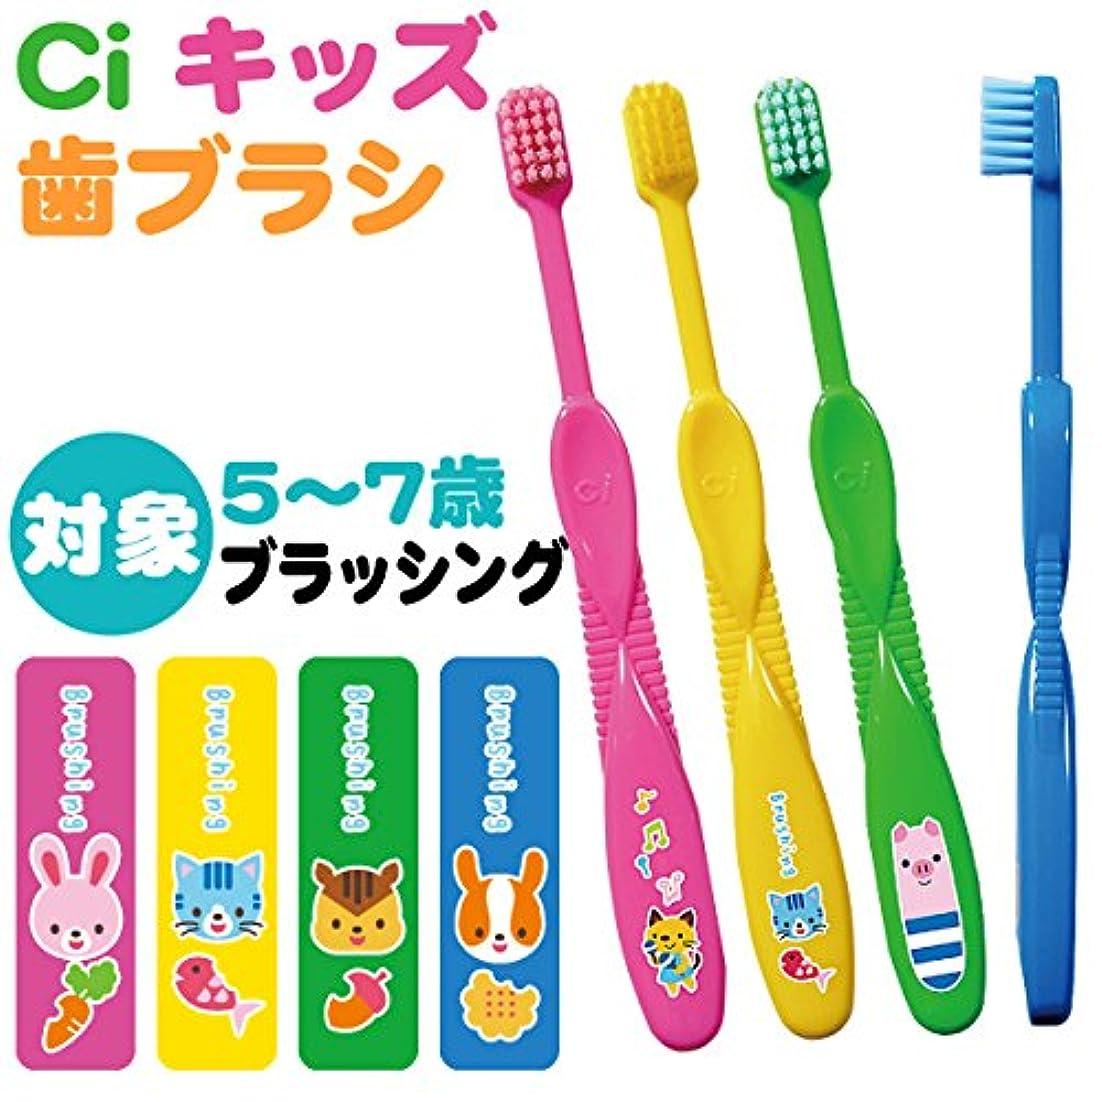 の間でフルーティー換気するCiキッズ歯ブラシ ブラッシング柄 4本